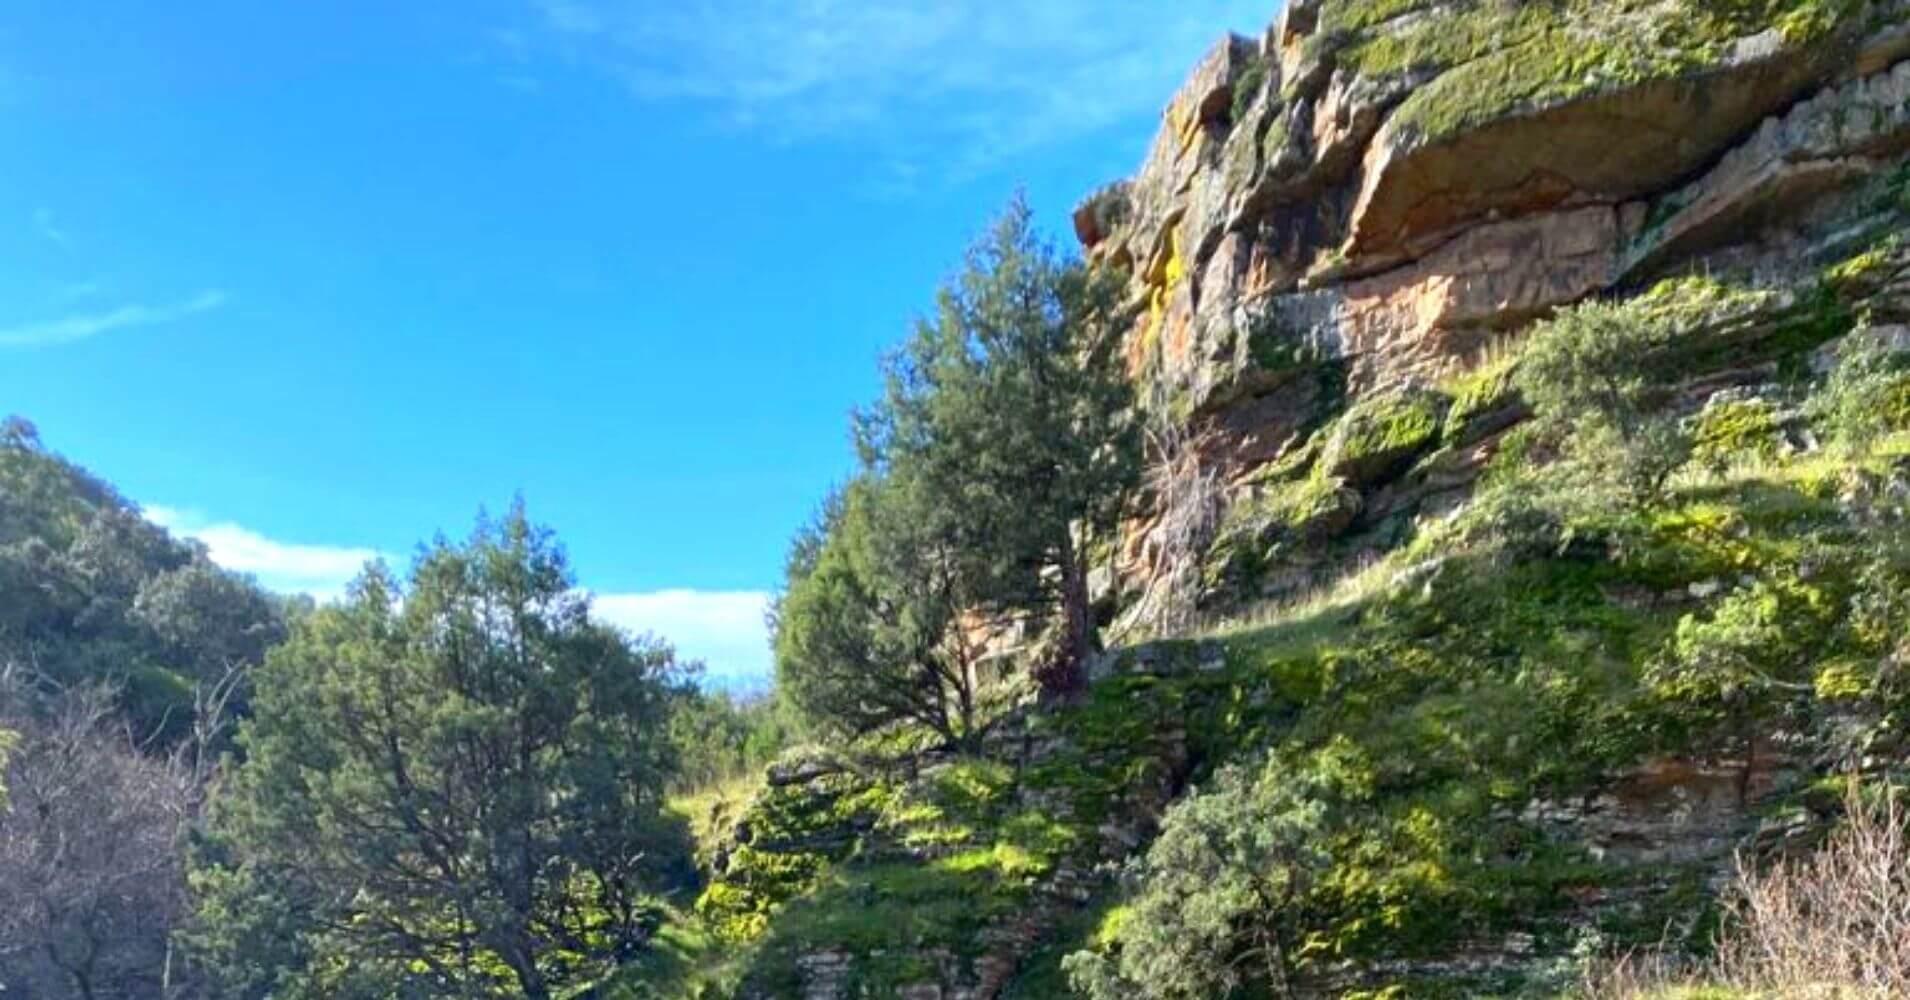 Roquedos del Parque Natural Valle de Alcudia y Sierra Madrona. Fuencaliente, Ciudad Real.